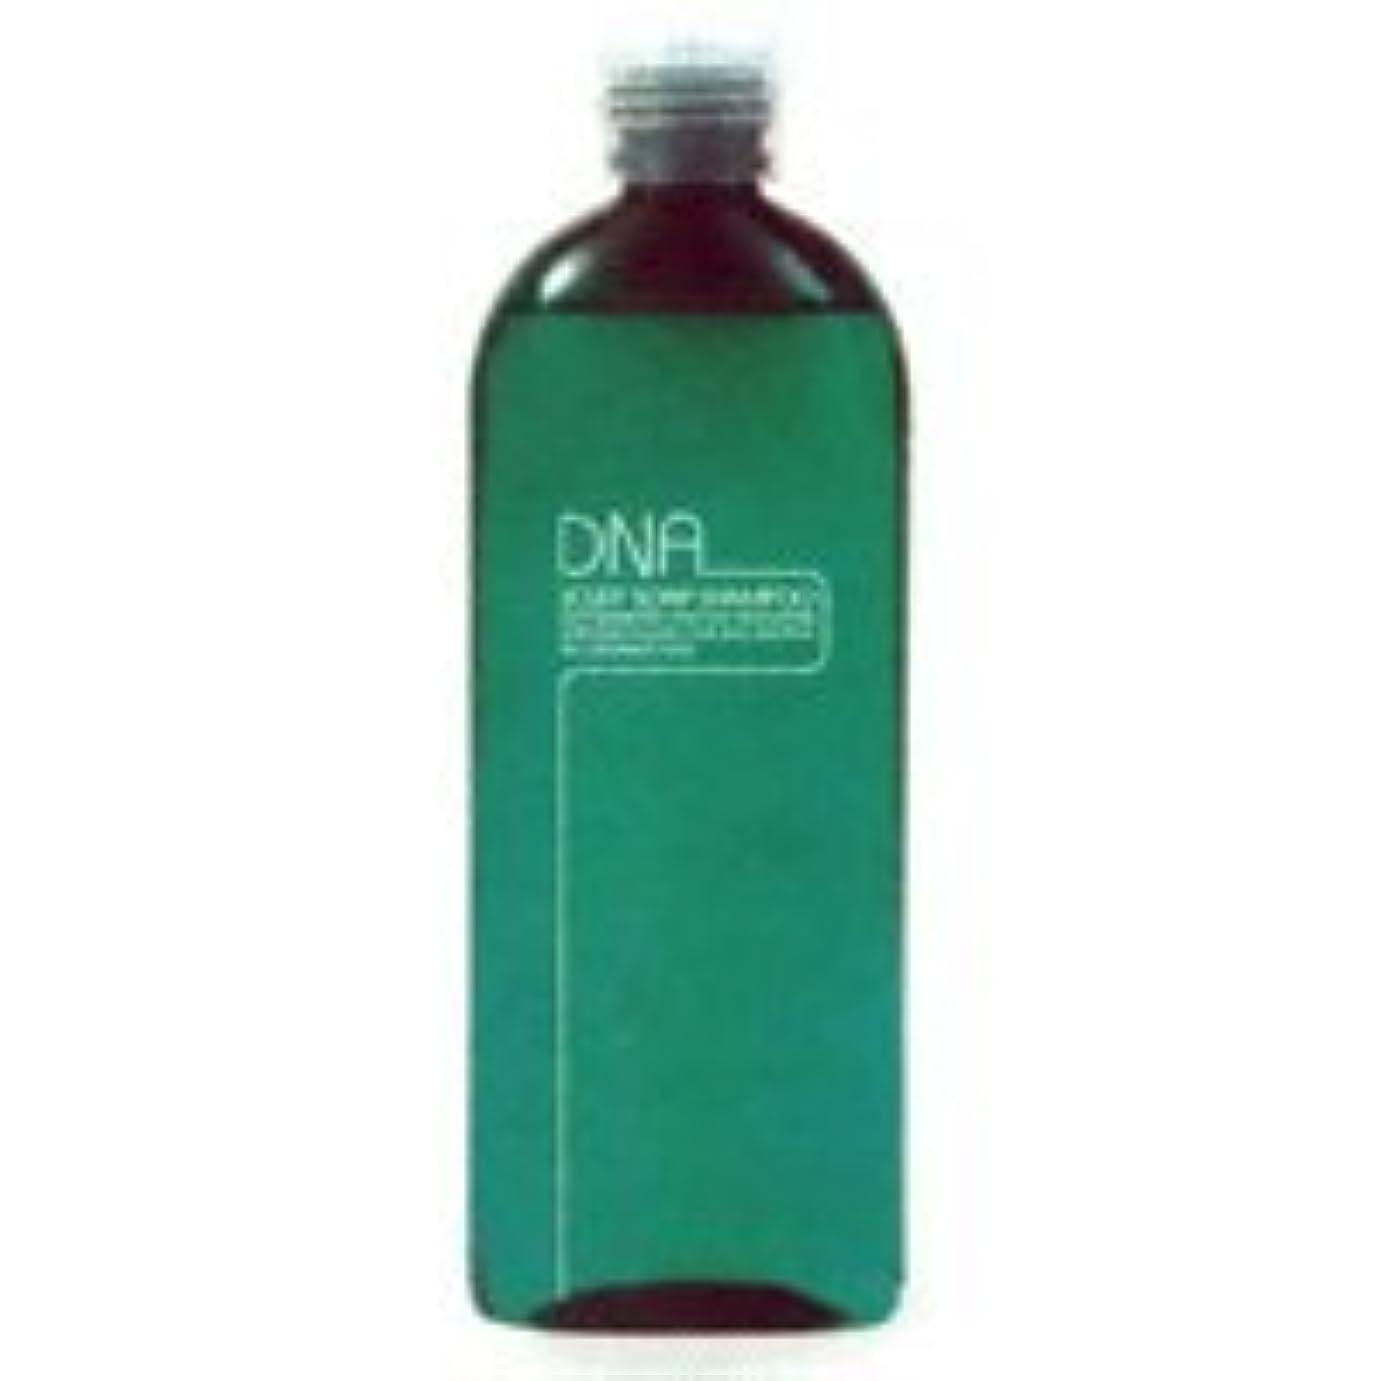 援助多用途デュアルハツモール ビューティ スカーフソープ DNAシャンプー 350ml/薄毛、抜け毛が気になる方のための低刺激、弱酸性シャンプー